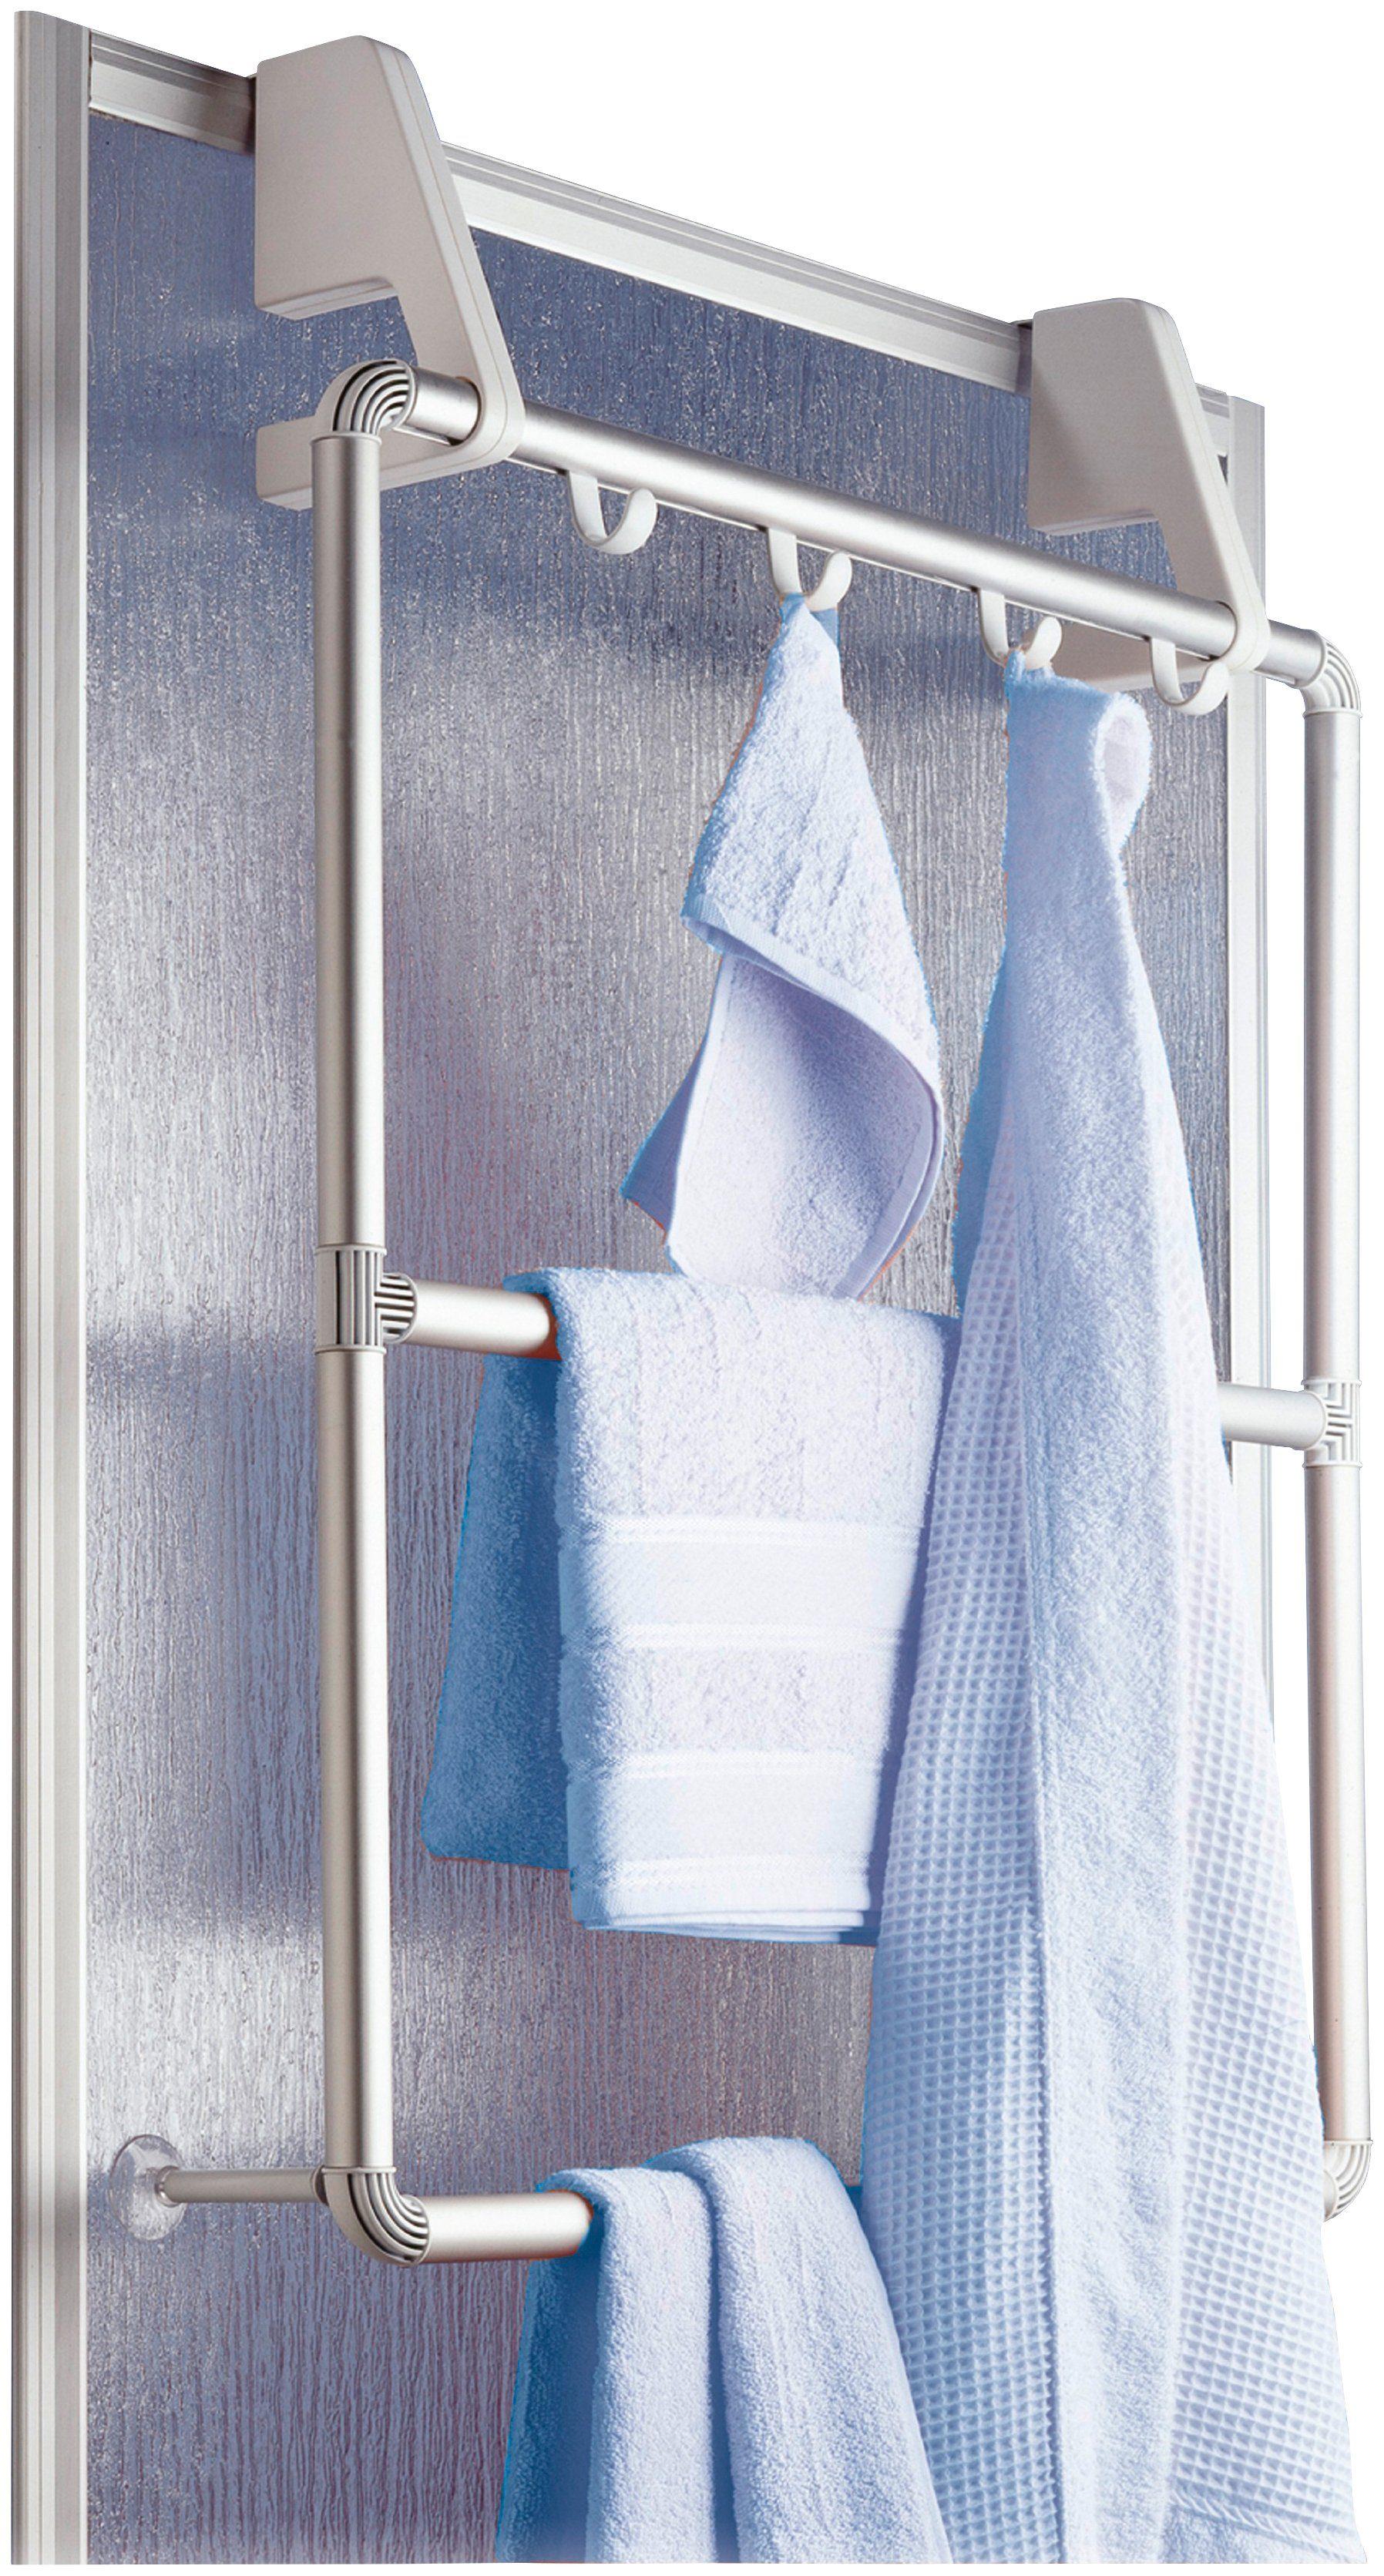 Handtuchhalter »Compact, 3 Querstangen«